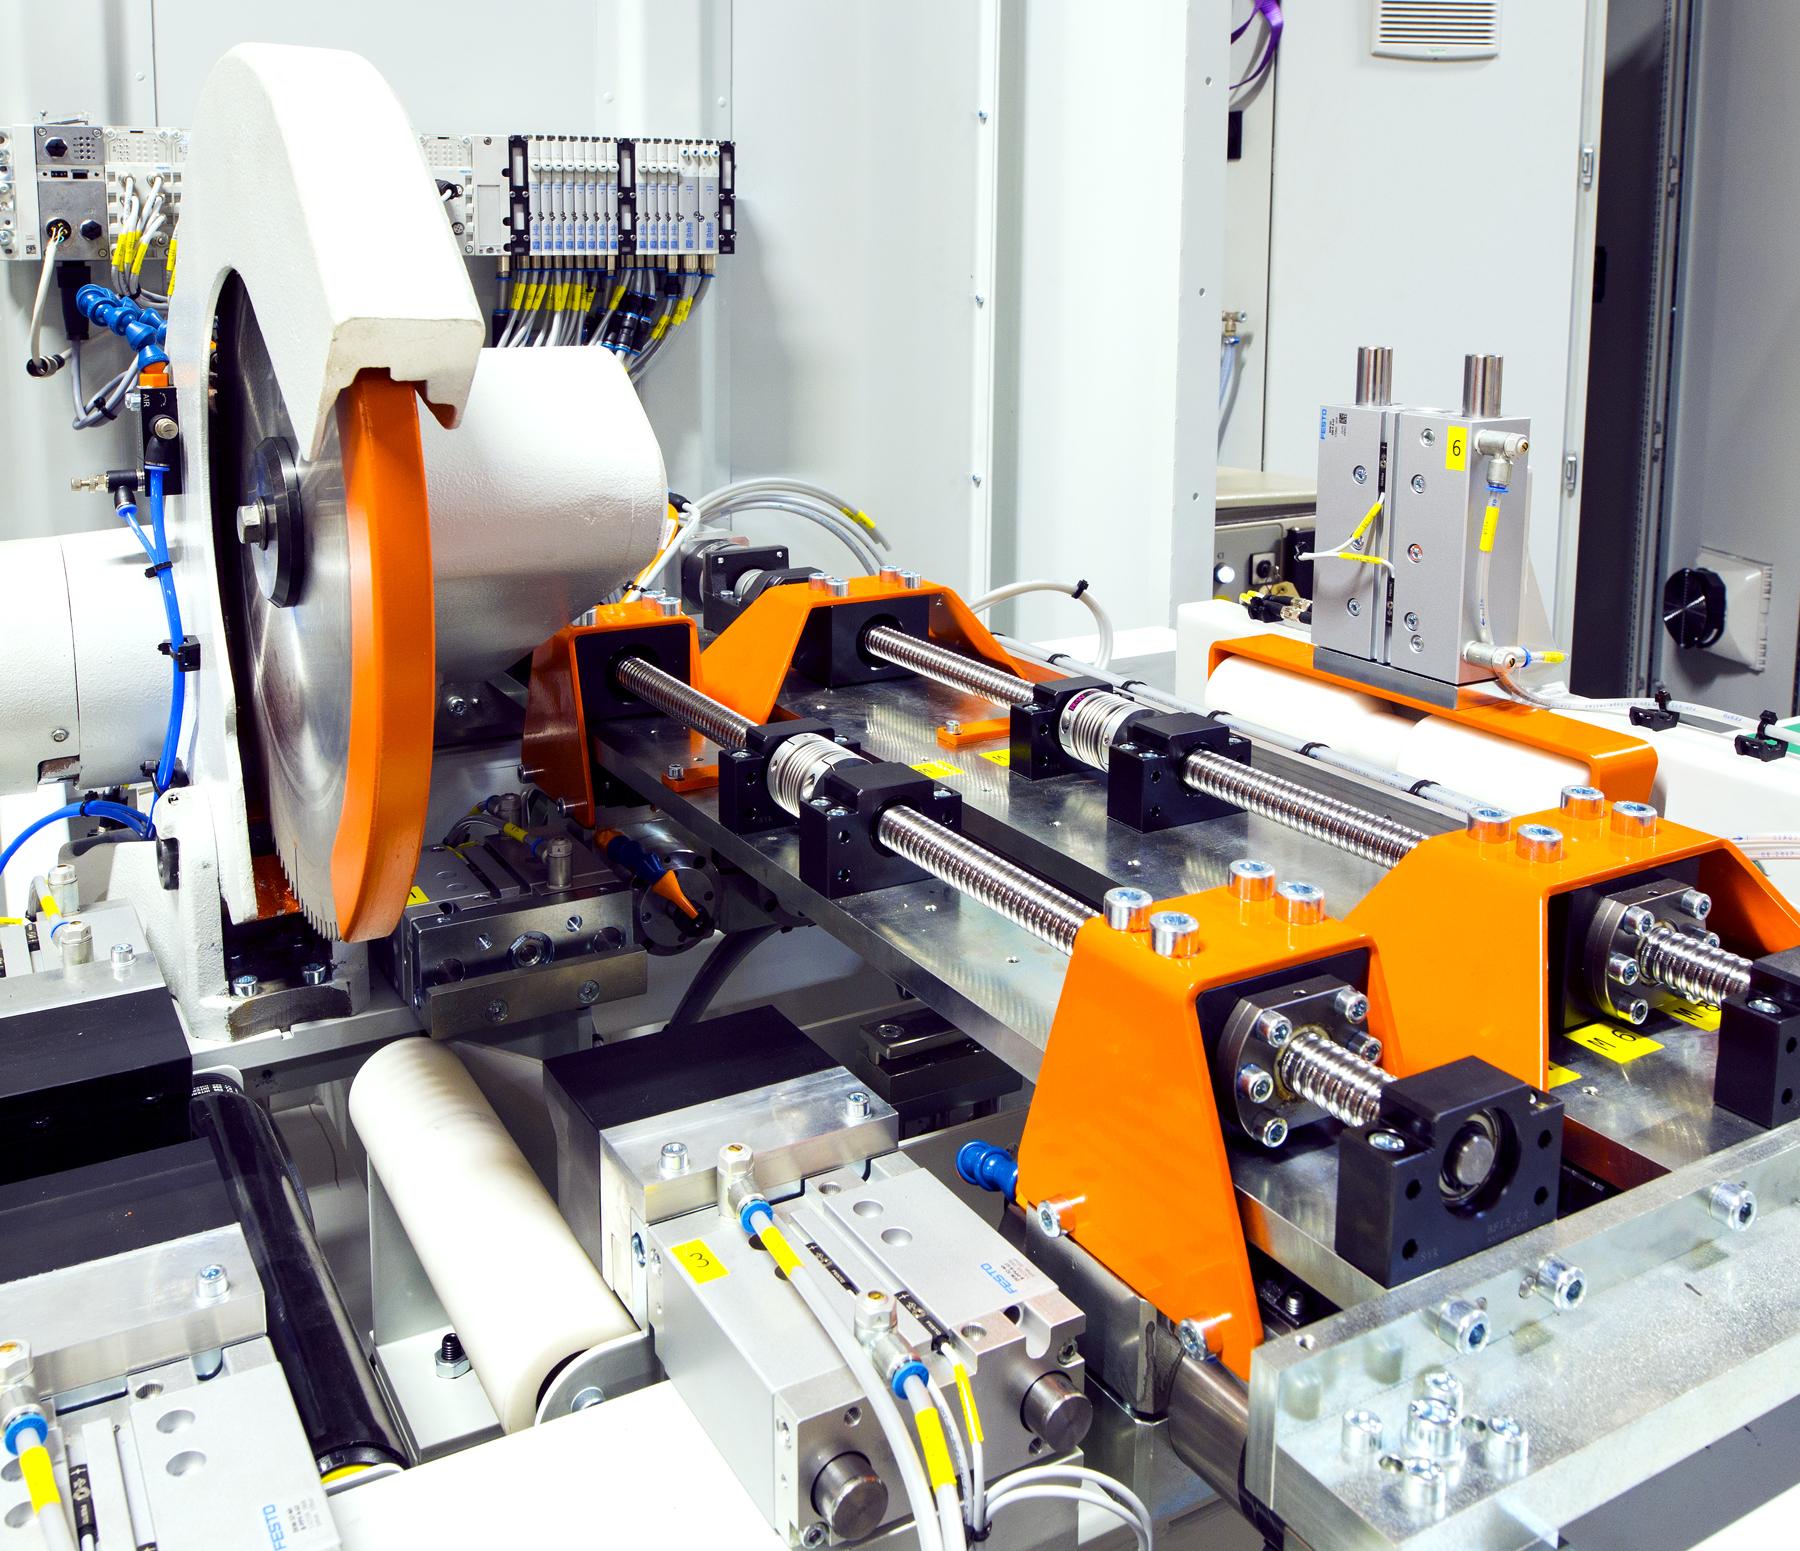 SPECIALMASKINER - Våra maskinbyggare förverkligar dinaritningar med passion och erfarenhet.